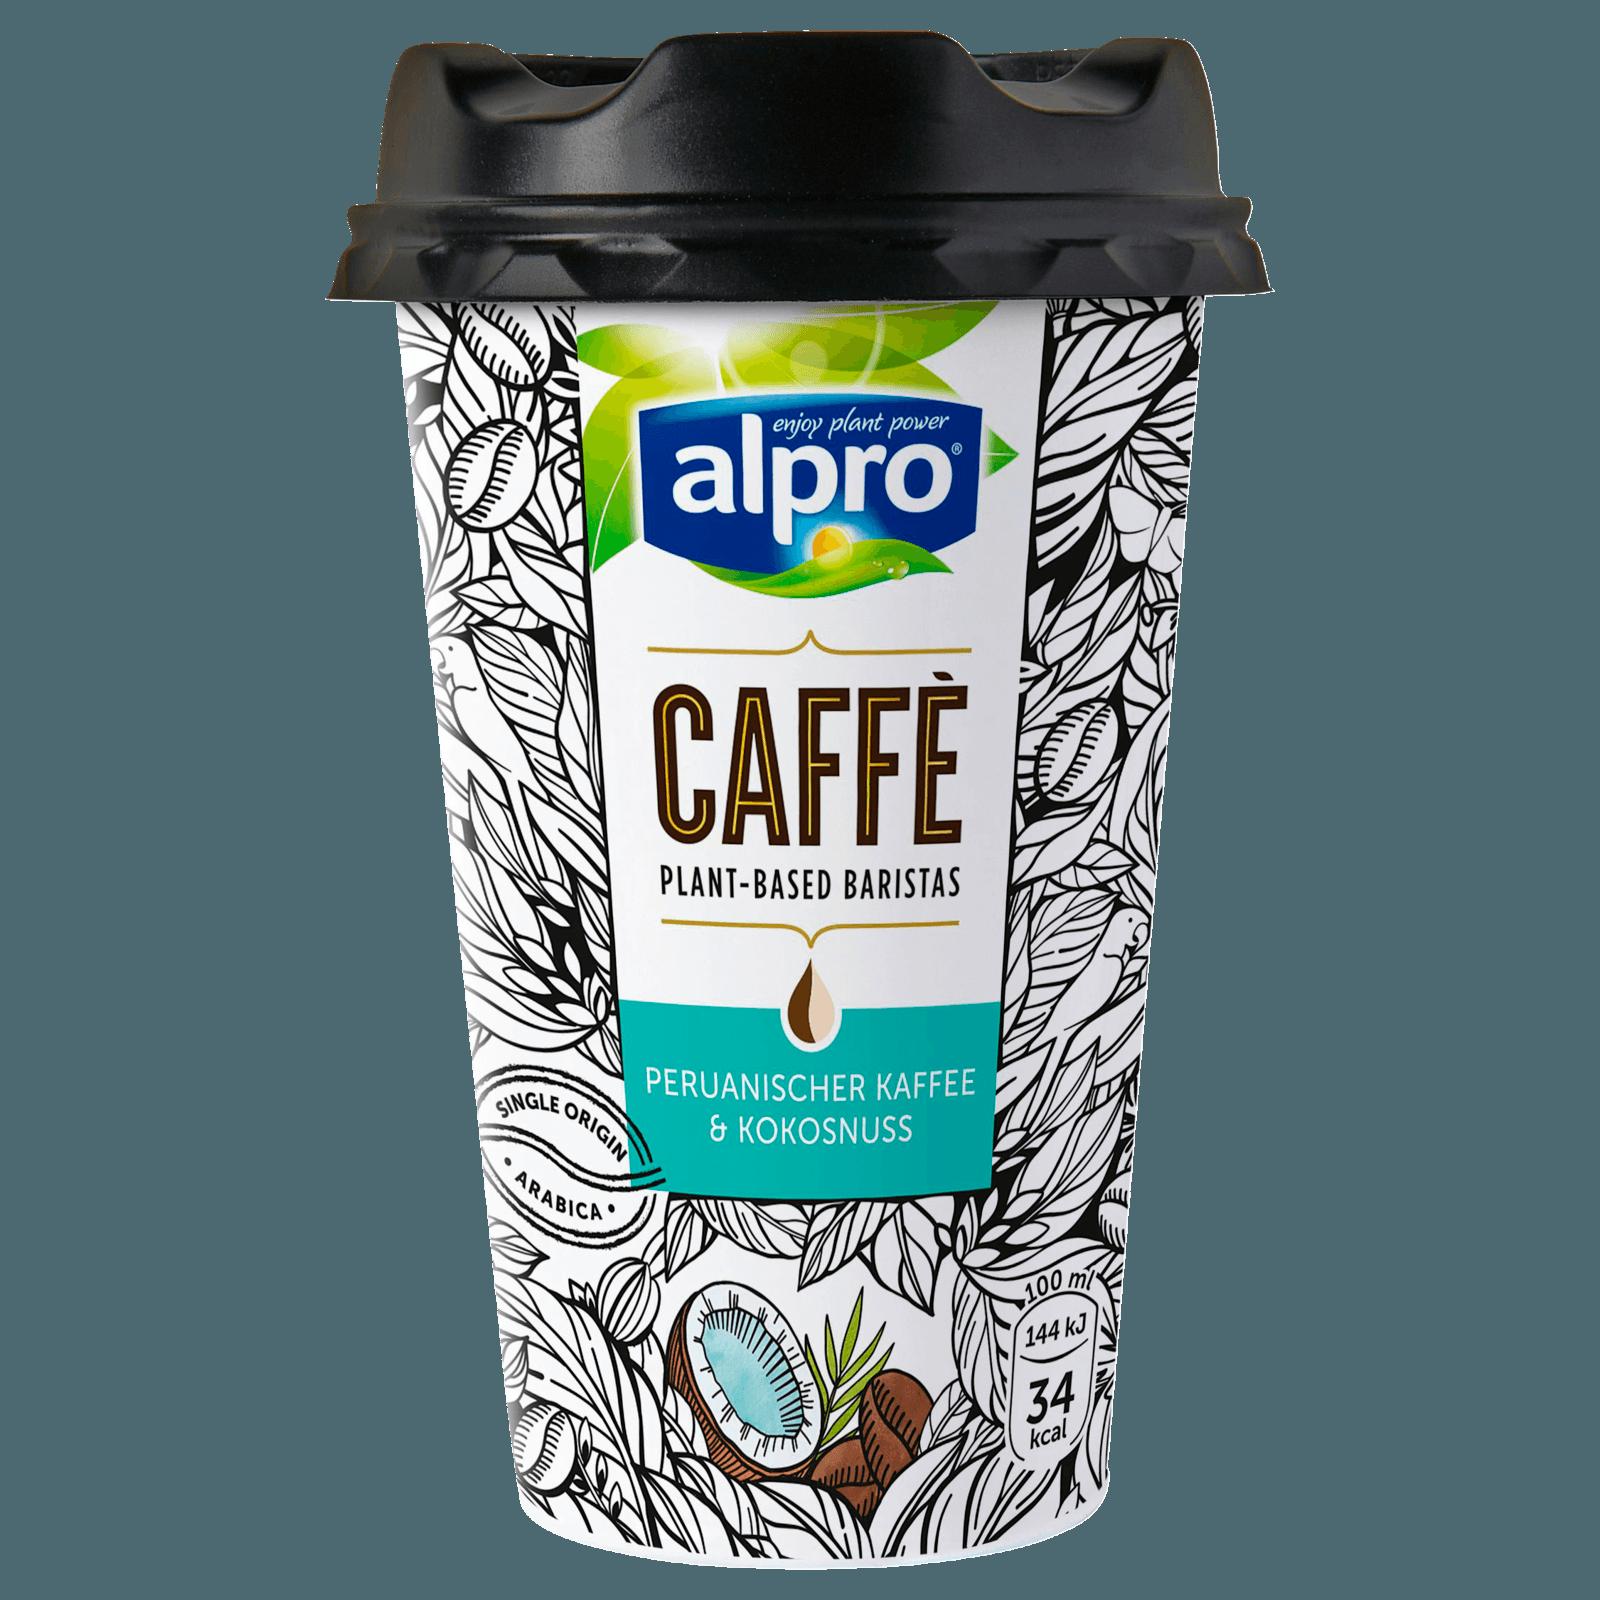 Alpro Caffè Peruanischer Kaffee & Kokosnuss 235ml